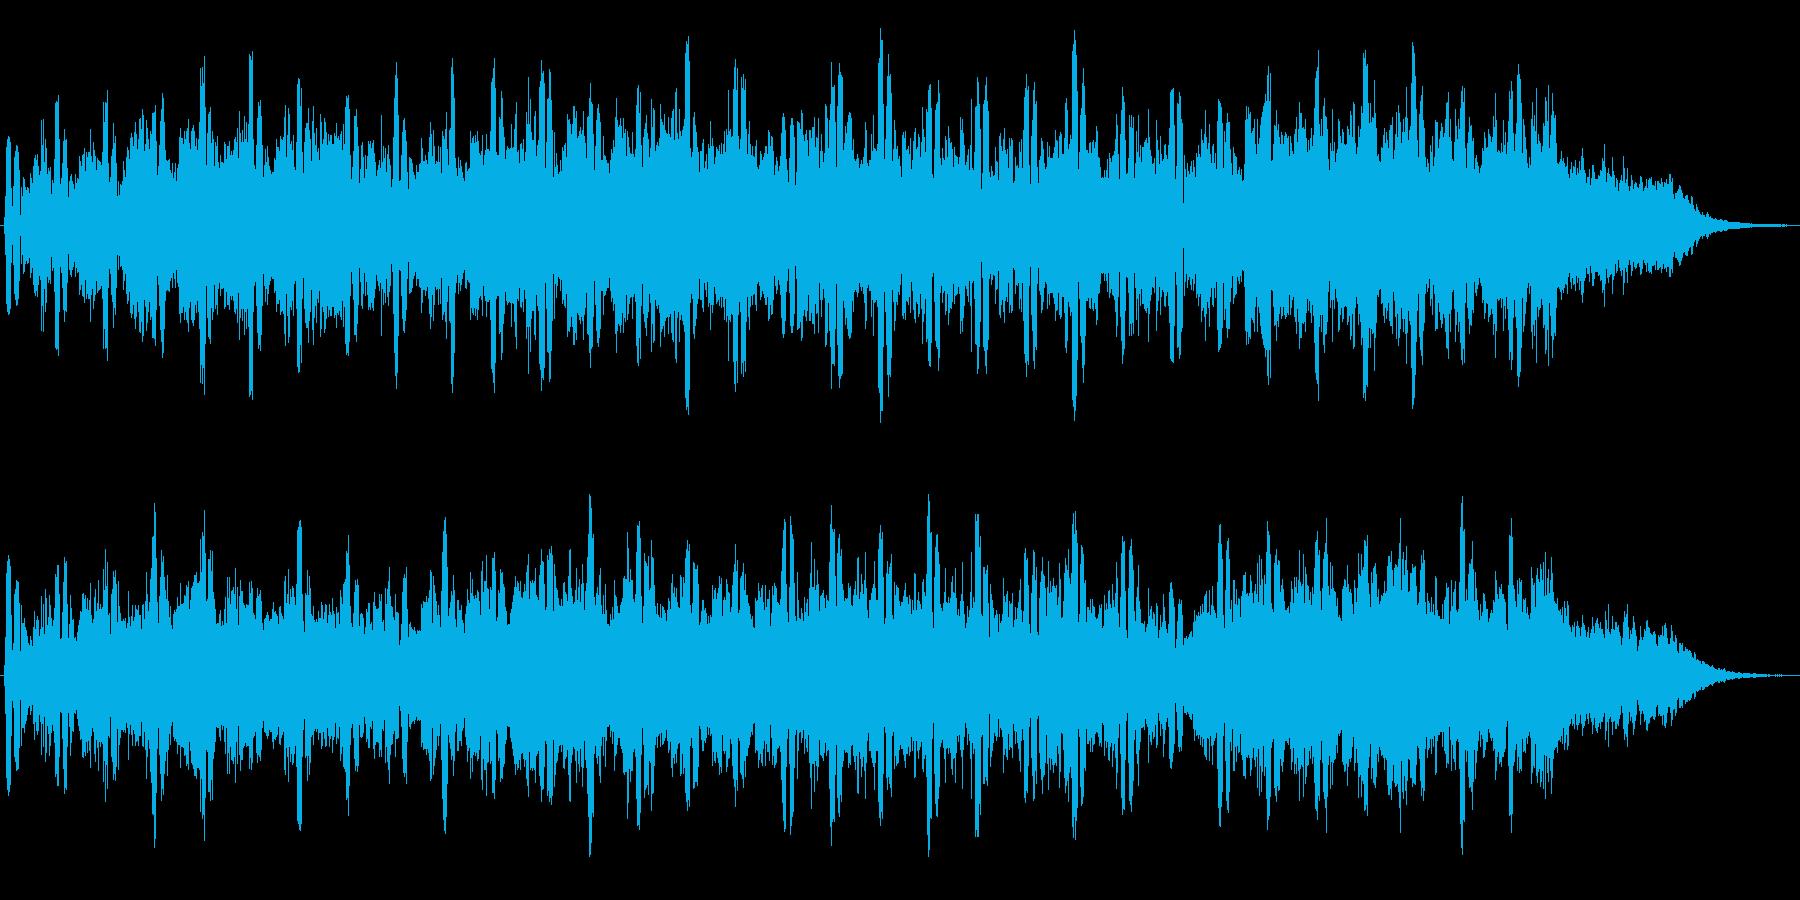 シンセが特徴的な不思議な世界のジングル2の再生済みの波形